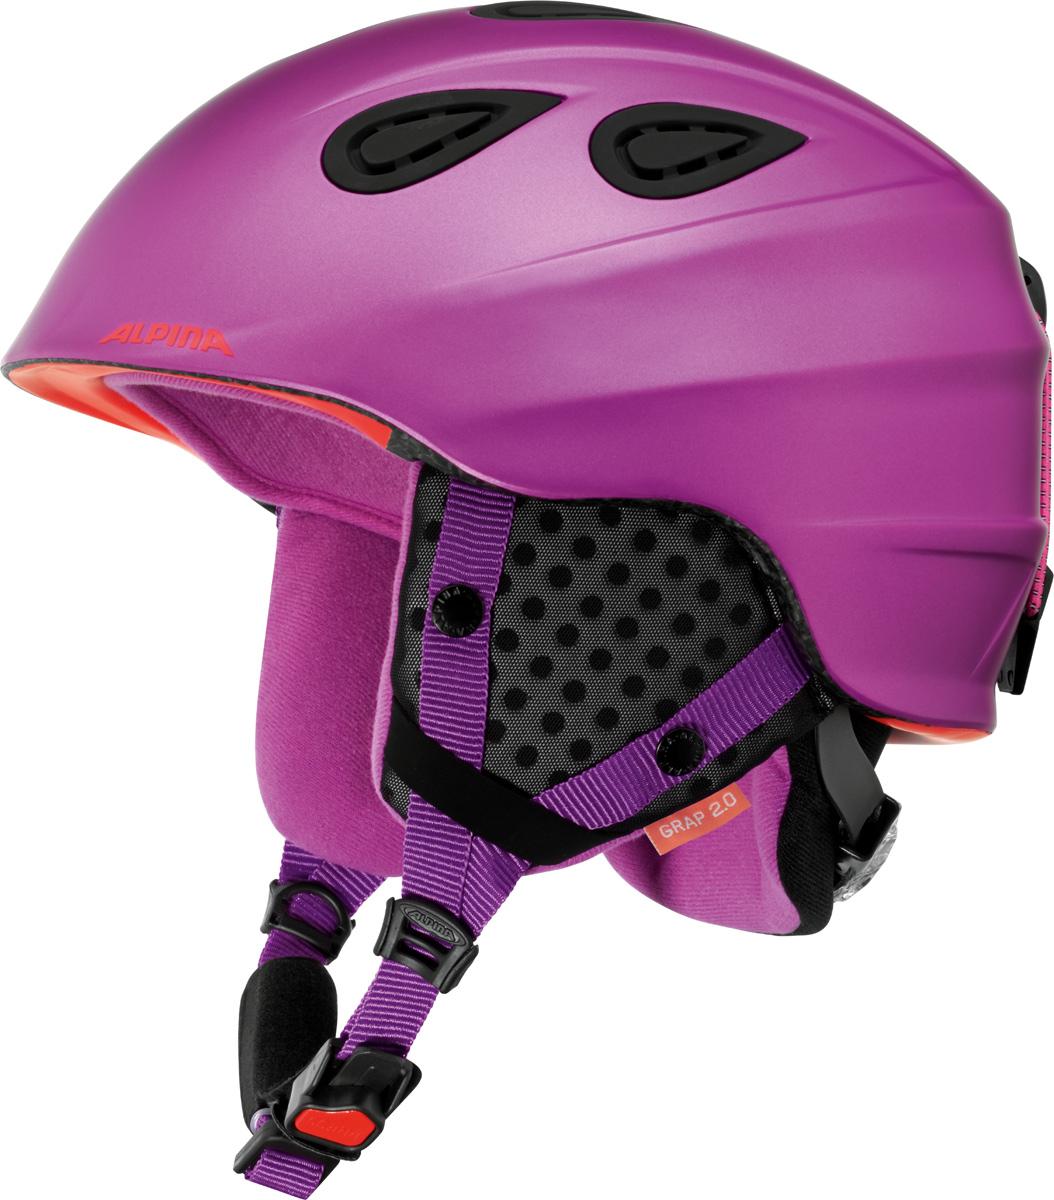 Шлем горнолыжный Alpina Grap 2.0, цвет: лиловый. A9085_52. Размер 54-57A9085_52Во всем мире популярность горнолыжного шлема Grap лишь набирает обороты. Alpina представляет обновленную версию самой продаваемой модели. Шлем Grap 2.0 сохранил отличительные особенности предыдущей модели и приобрел новые, за которые его выбирают райдеры по всему миру. Универсальность, легкость и прочность сделали его обязательным элементом экипировки любителей горнолыжного спорта. Модель также представлена в детской линейке шлемов.Технологии:• Конструкция In-Mold - соединение внутреннего слоя из EPS (вспененного полистирола) с внешним покрытием под большим давлением в условиях высокой температуры. В результате внешняя поликарбонатная оболочка сохраняет форму конструкции, предотвращая поломку и попадание осколков внутрь шлема, а внутренний слой Hi-EPS, состоящий из множества наполненных воздухом гранул, амортизирует ударную волну, защищая голову райдера от повреждений.• Внешнее покрытие Ceramic Shell обеспечивает повышенную ударопрочность и износостойкость, а также обладает защитой от УФ-излучений, препятствующей выгоранию на солнце, и антистатичными свойствами.• Съемный внутренний тканевый слой. Подкладку можно постирать и легко вставить обратно. Своевременный уход за «внутренником» предотвращает появление неприятного запаха.• Вентиляционная система с раздвижным механизмом с возможностью регулировки интенсивности потока воздуха.• Классическая система регулировки в шлемах Alpina Run System с регулировочным кольцом на затылке позволяет быстро и легко подобрать оптимальную и комфортную плотность посадки на голове.• Съемные ушки согревают в холодную погоду, а в теплую компактно хранятся в кармане куртки.• Шейный воротник из микрофлиса в задней части шлема быстро согревает и не давит на шею.• Ремешок фиксируется кнопкой с запирающим механизмом. Застежка максимально удобна для использования в перчатках.• Система Edge Protect в конструкции шлема защищает голову горнолыжника при боковом ударе.• 